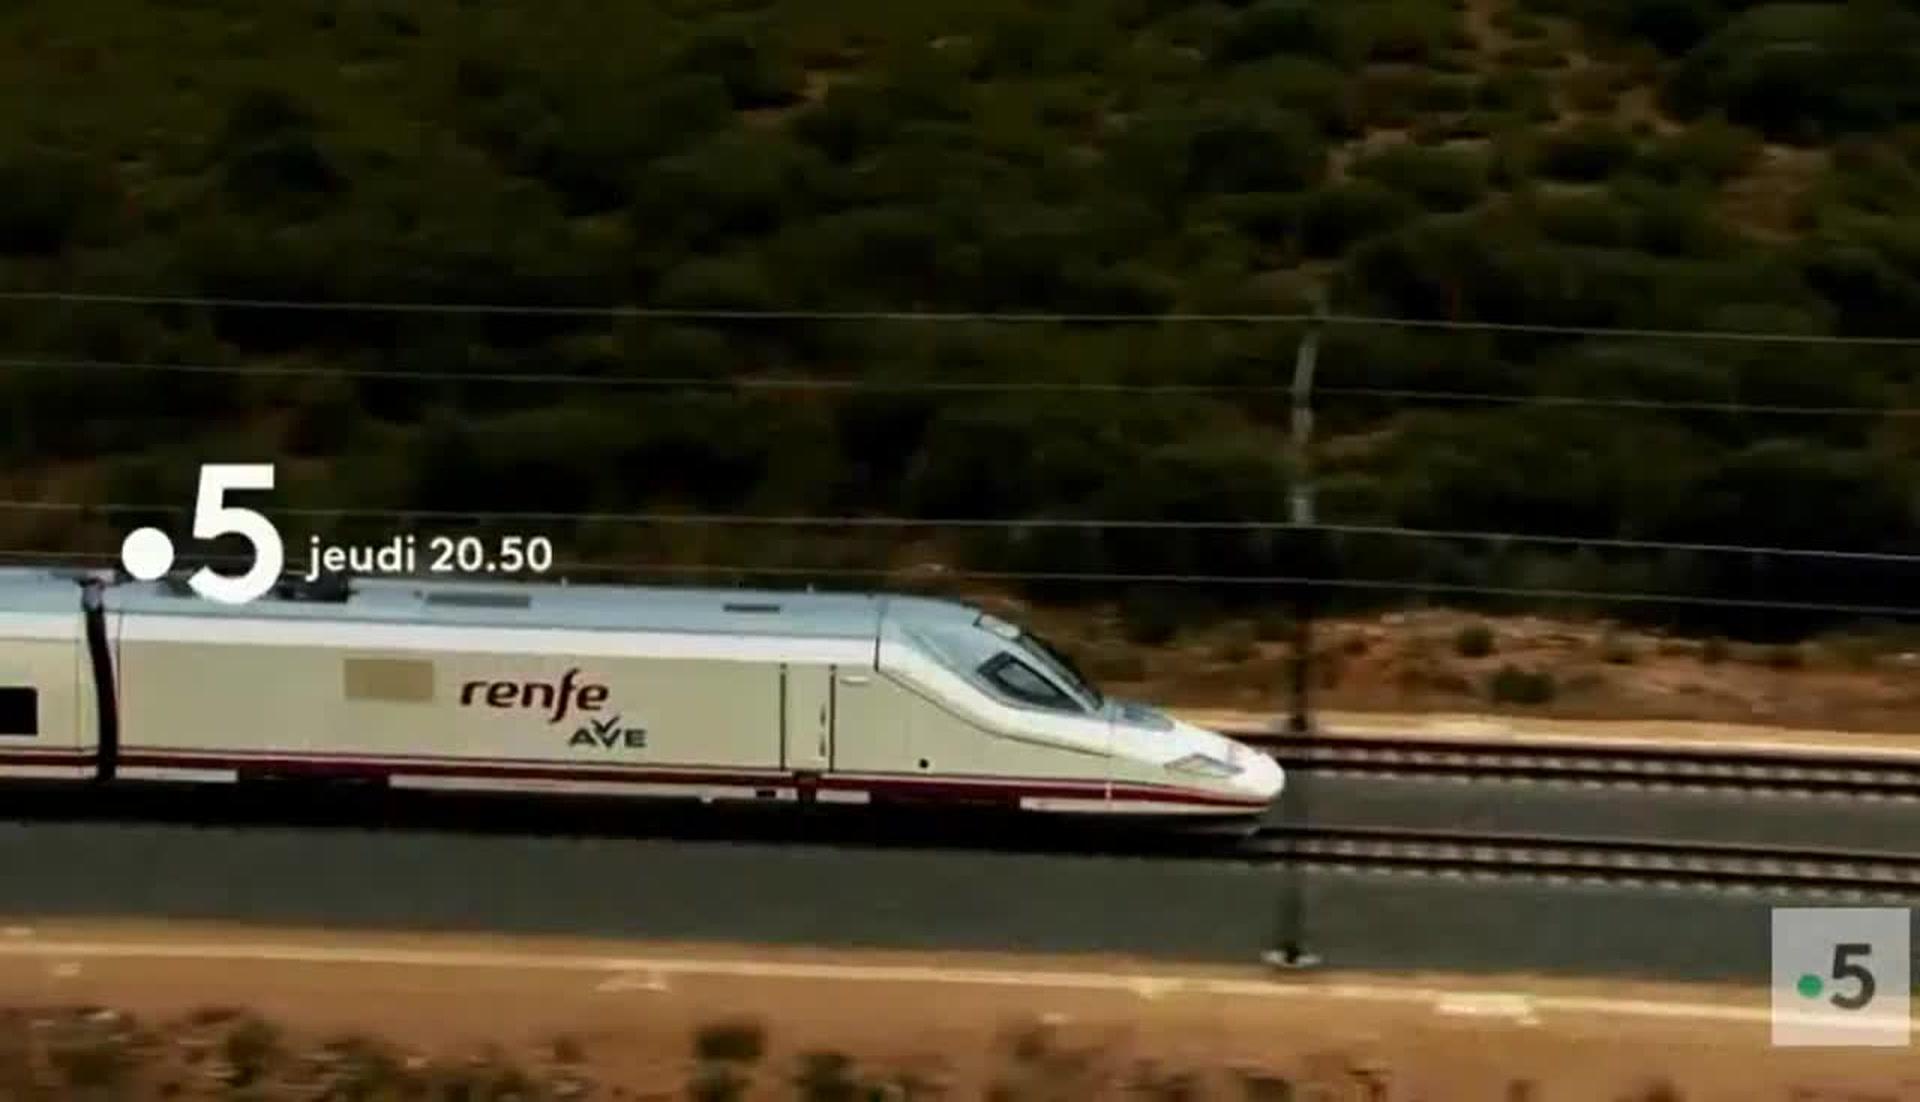 Des trains pas comme les autres : Espagne